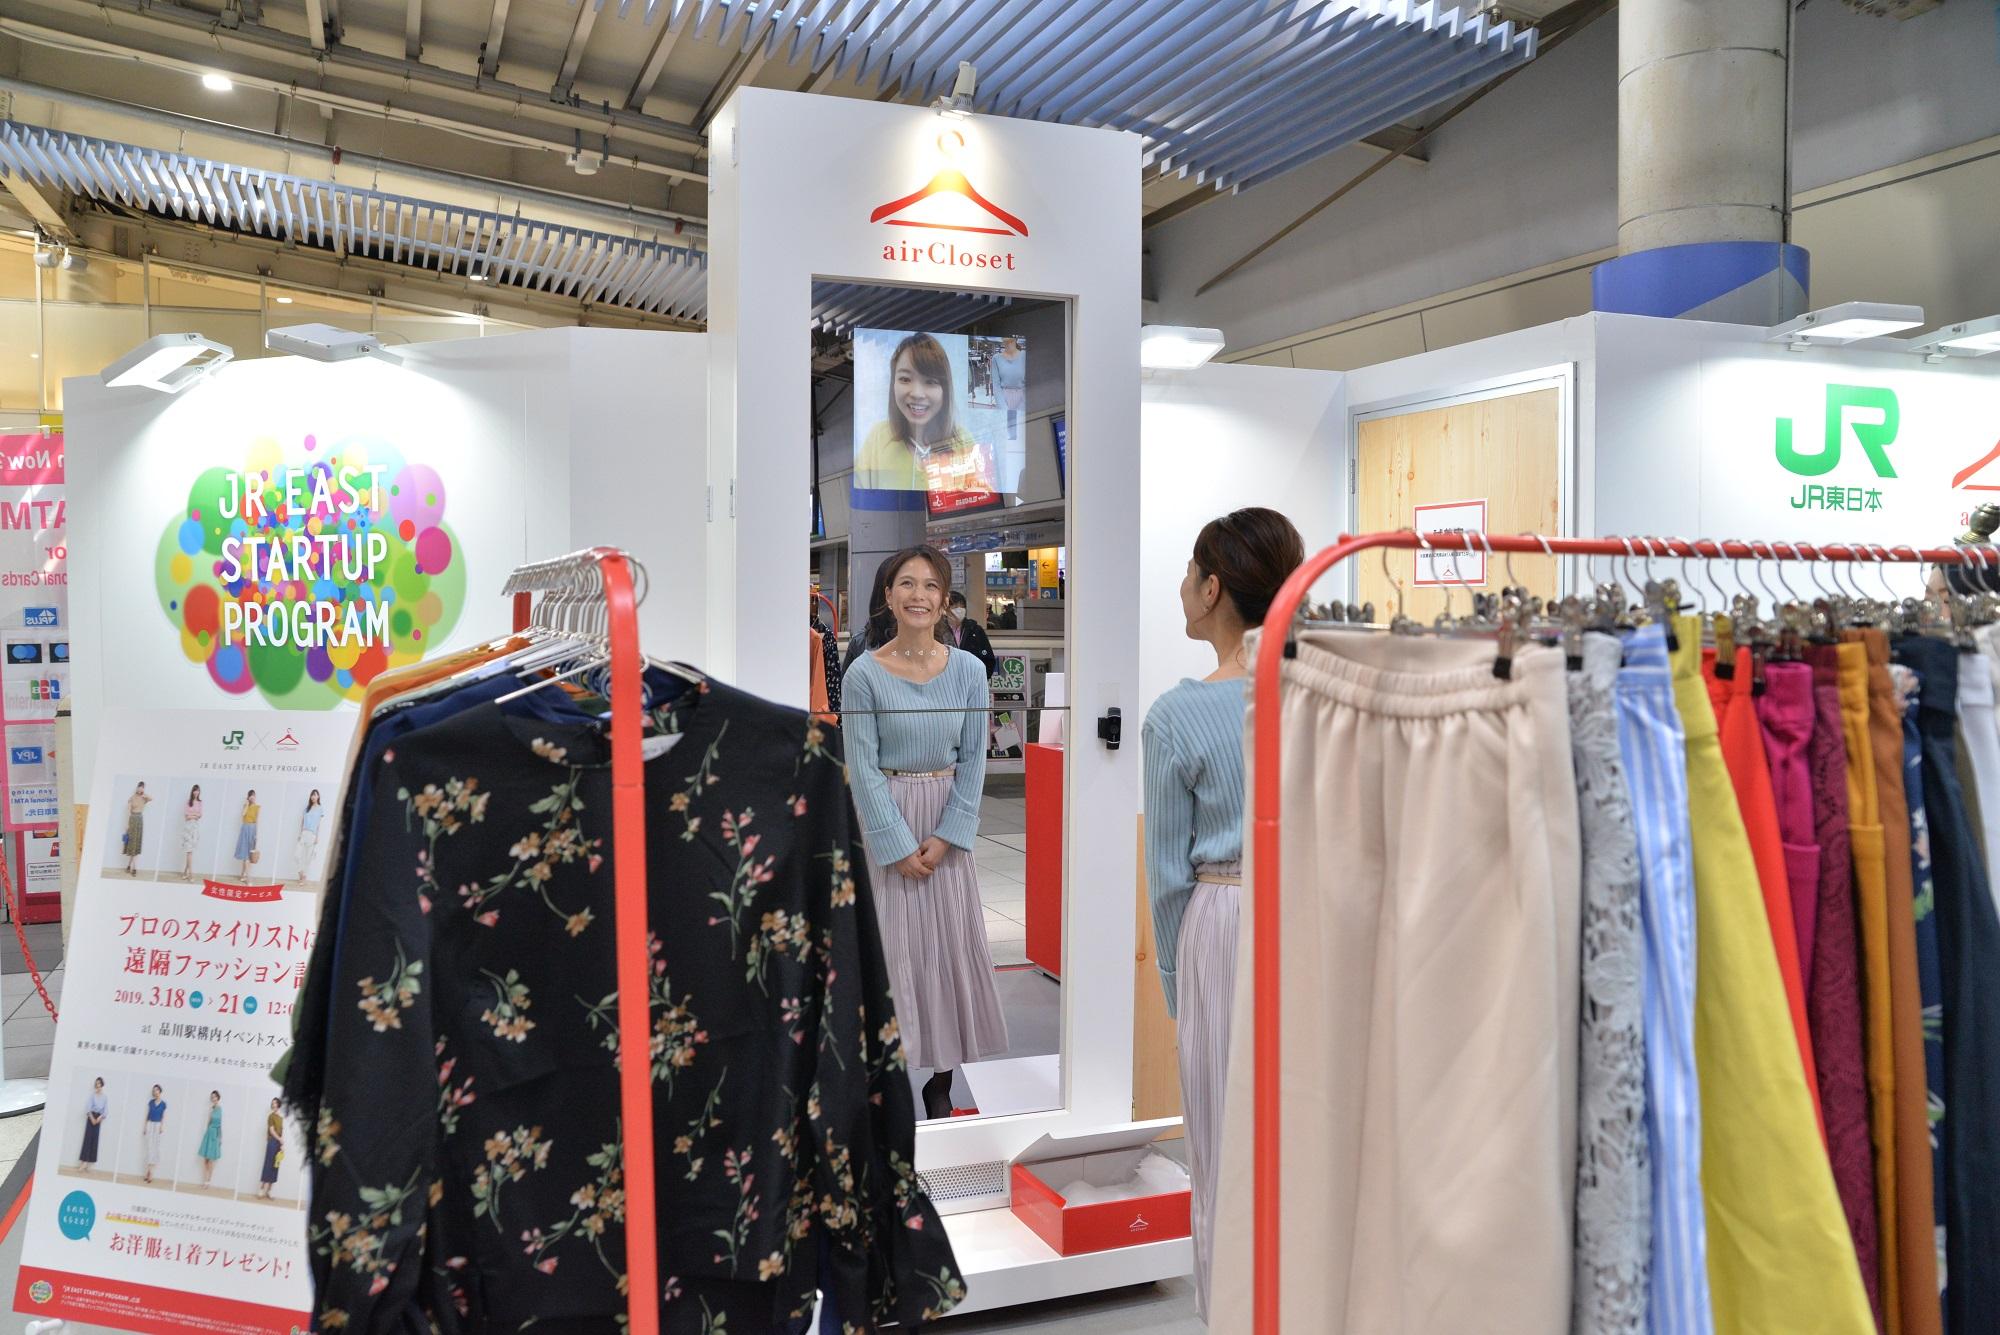 駅でリアル「鏡よ、鏡」!遠隔ファッション診断、長野から品川へ